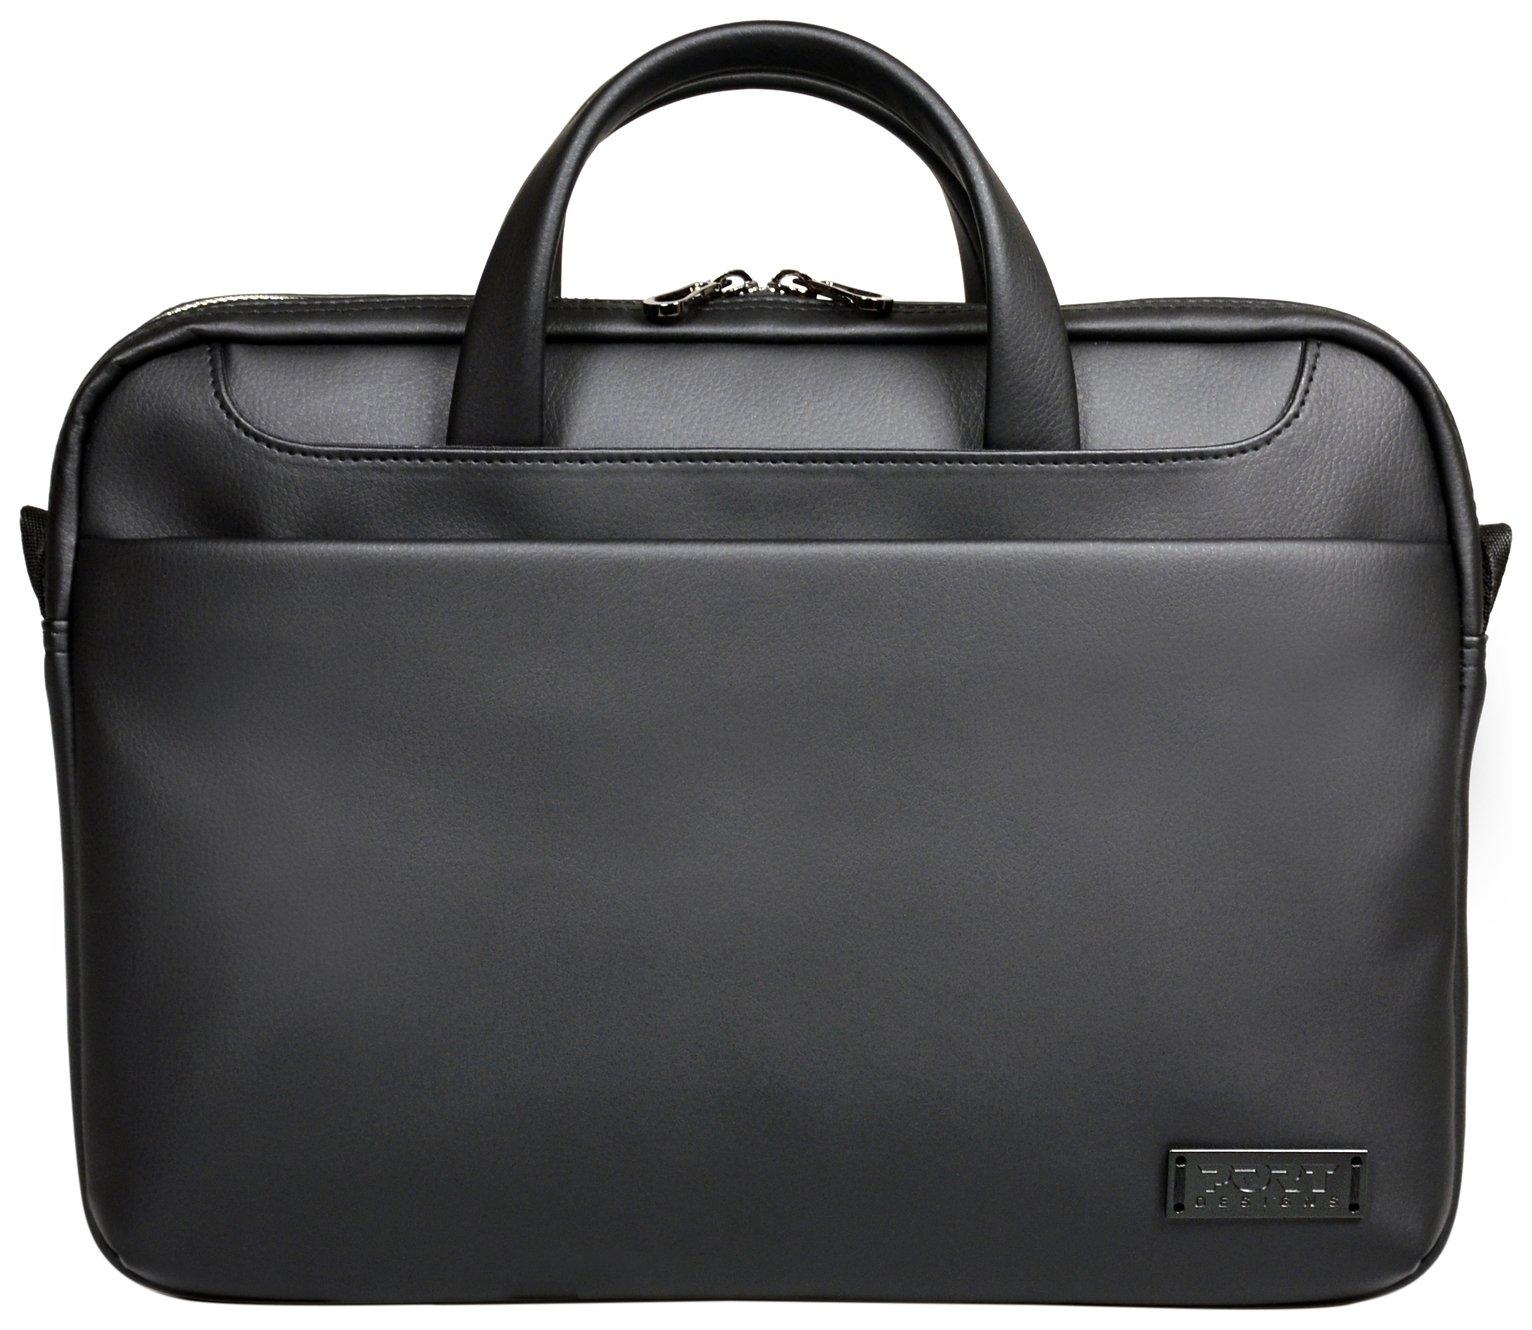 Port Designs Zurich Toploader 14-15 Inch Laptop Bag - Black